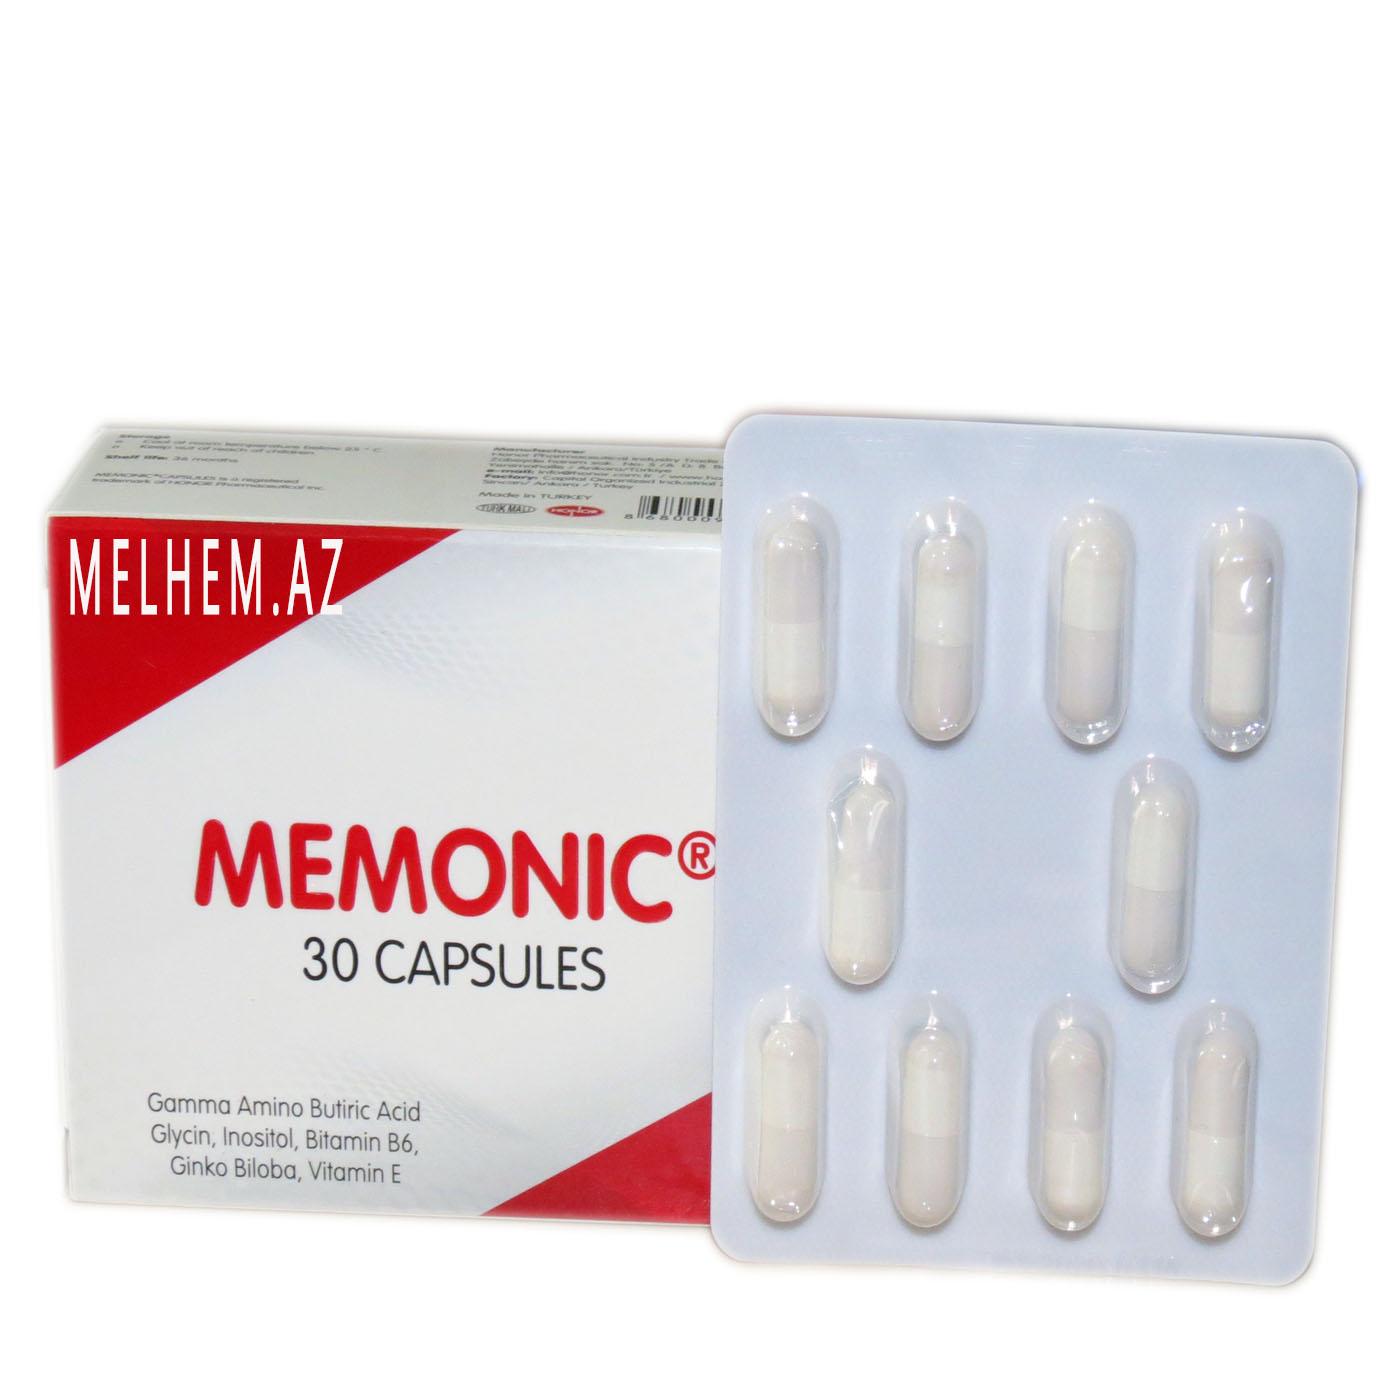 MEMONİC